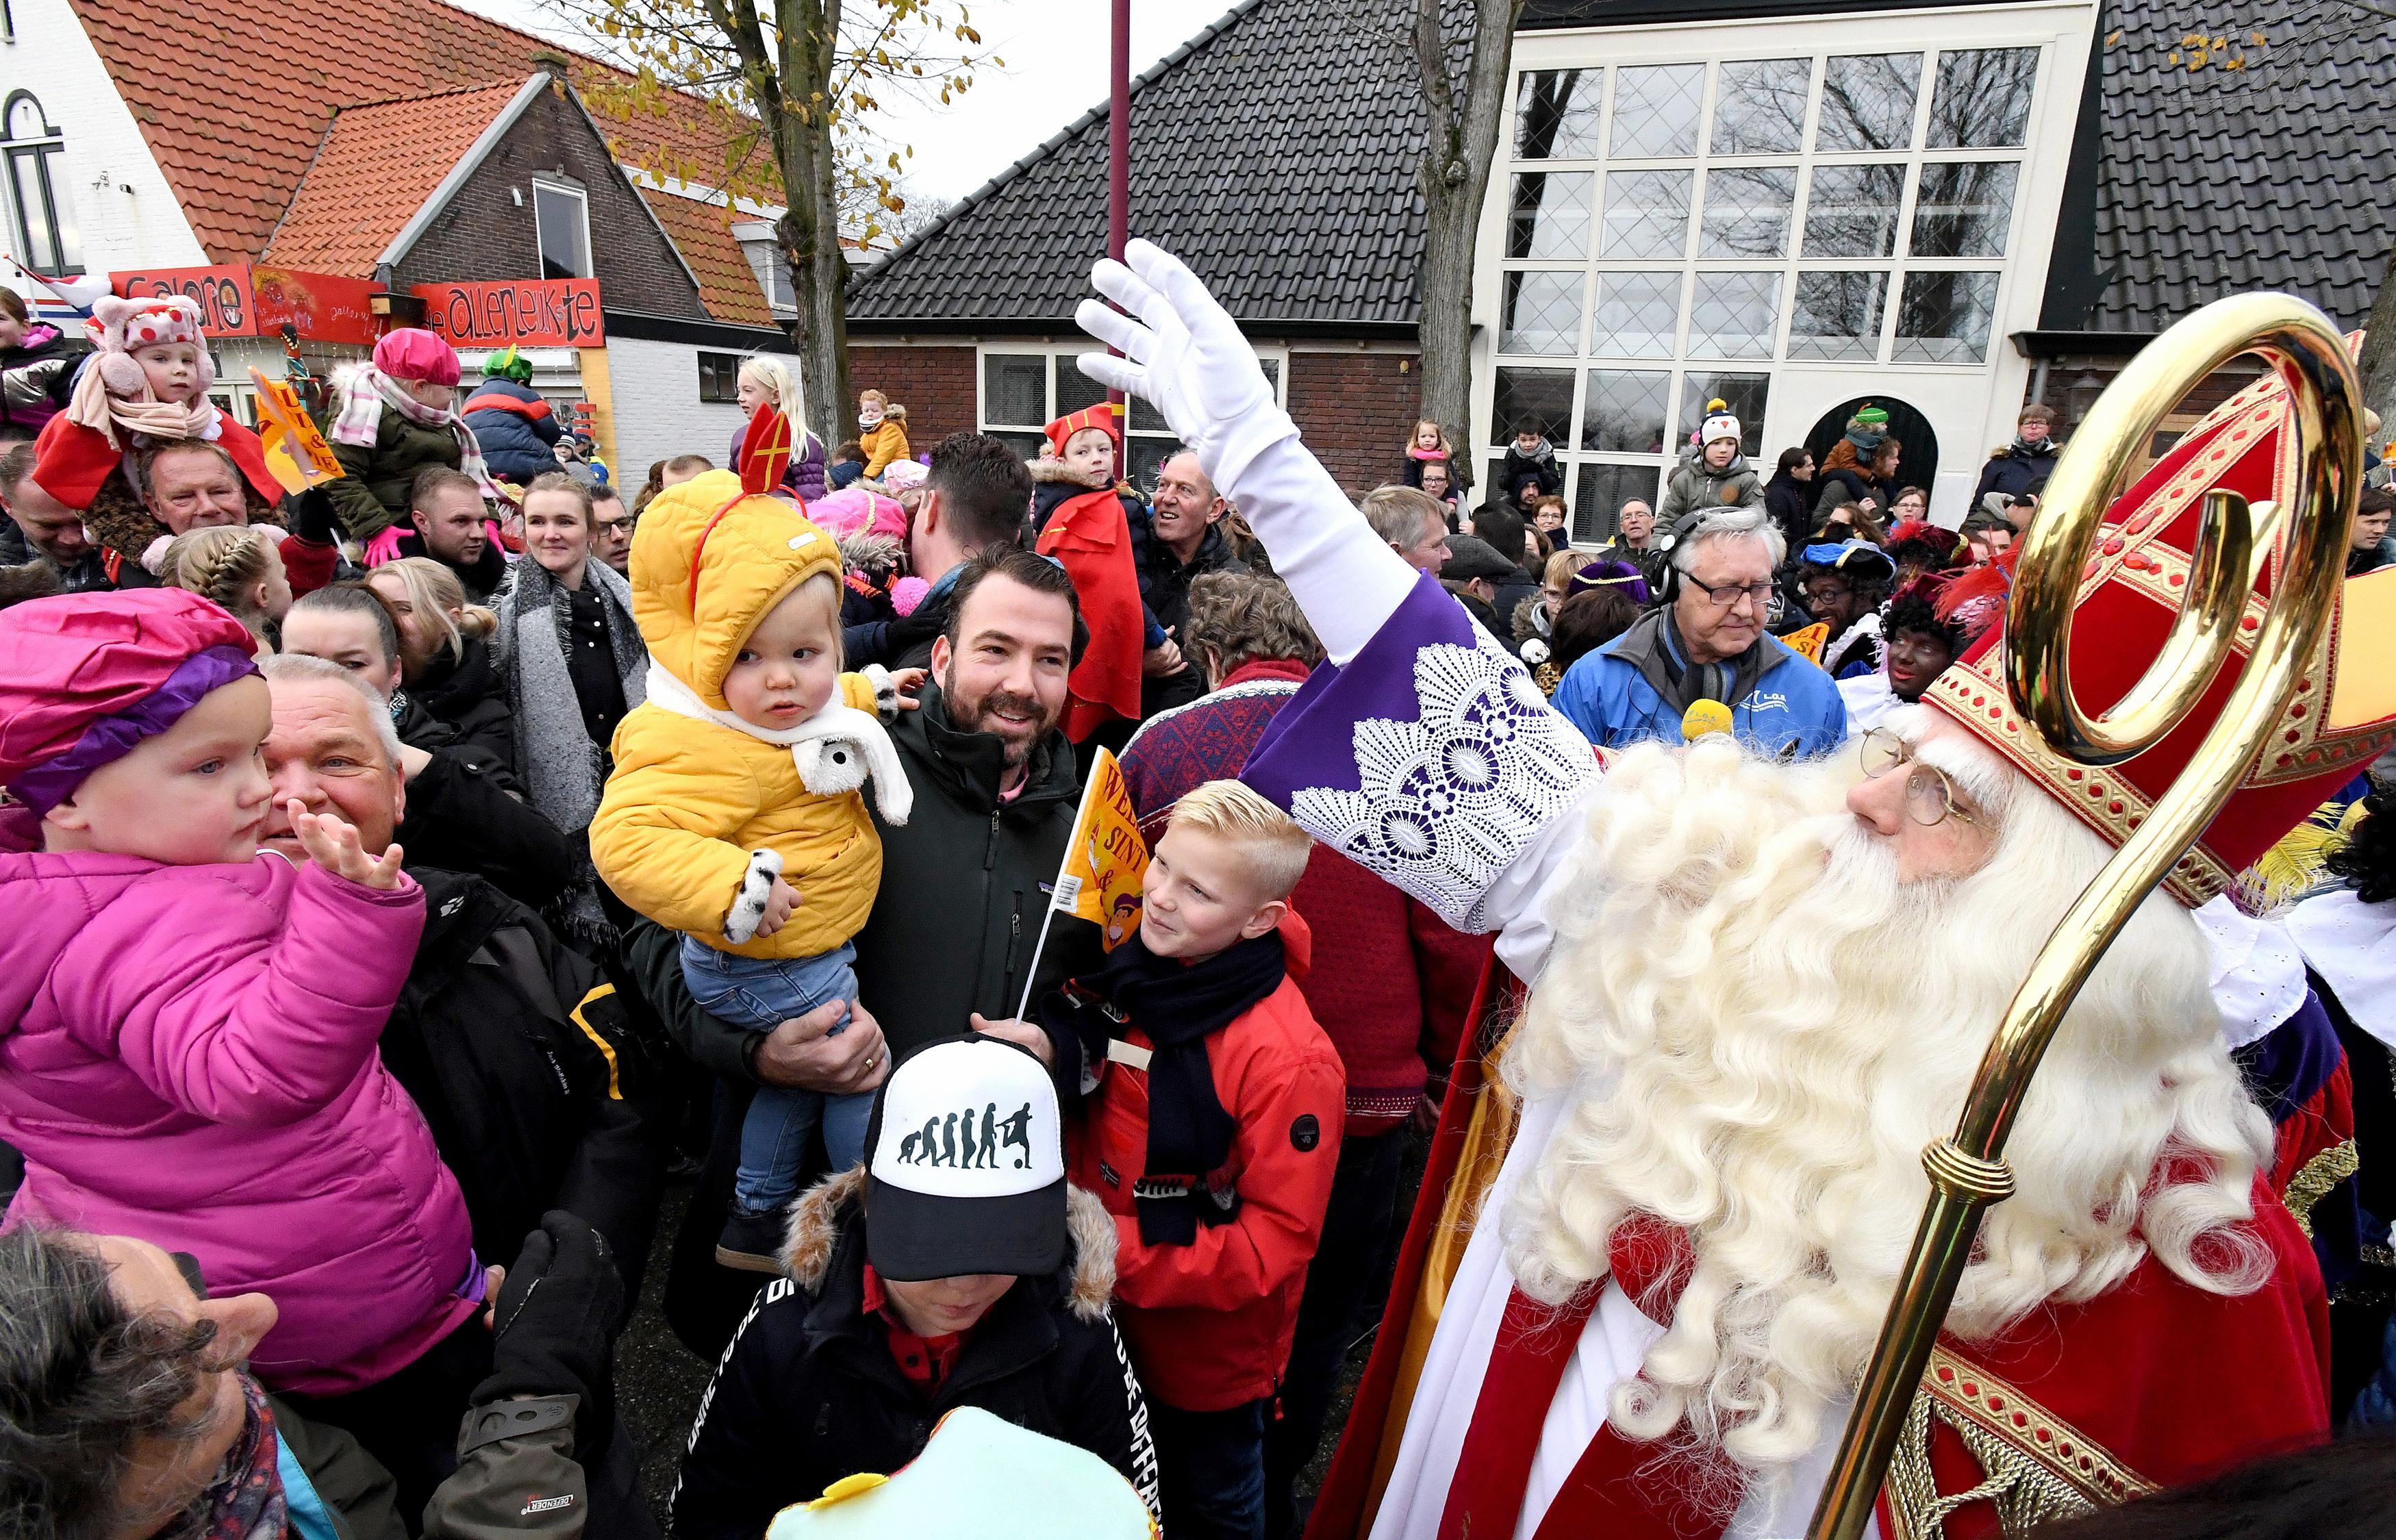 Subsidie voor de sinterklaasintocht 2021 in Den Helder, maar de gemeente wil eerst om tafel met de grijze pieten (en sint)